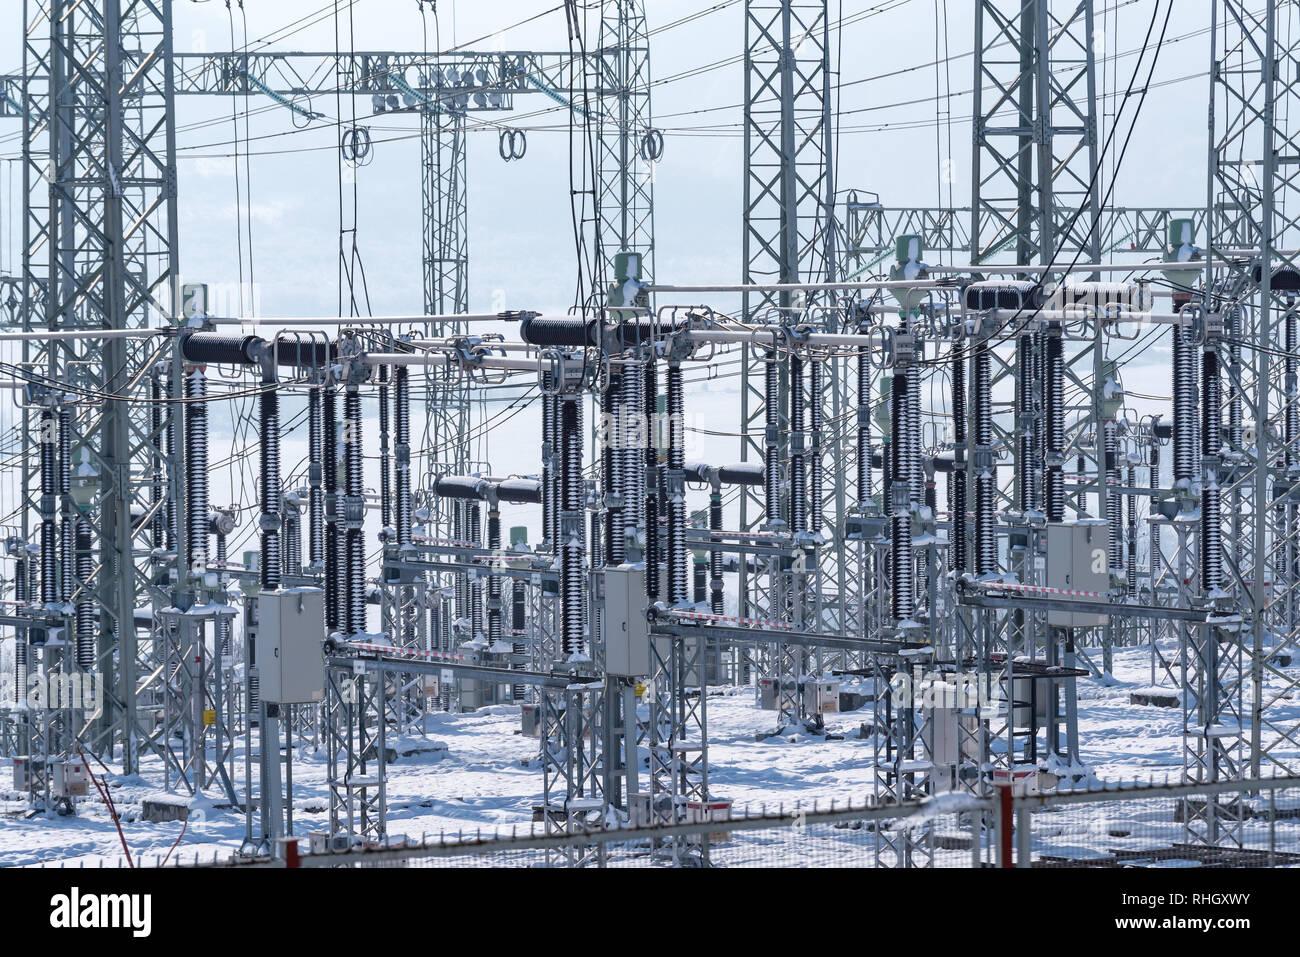 Aumento en el costo de la electricidad. Subestación eléctrica de distribución. Imagen De Stock